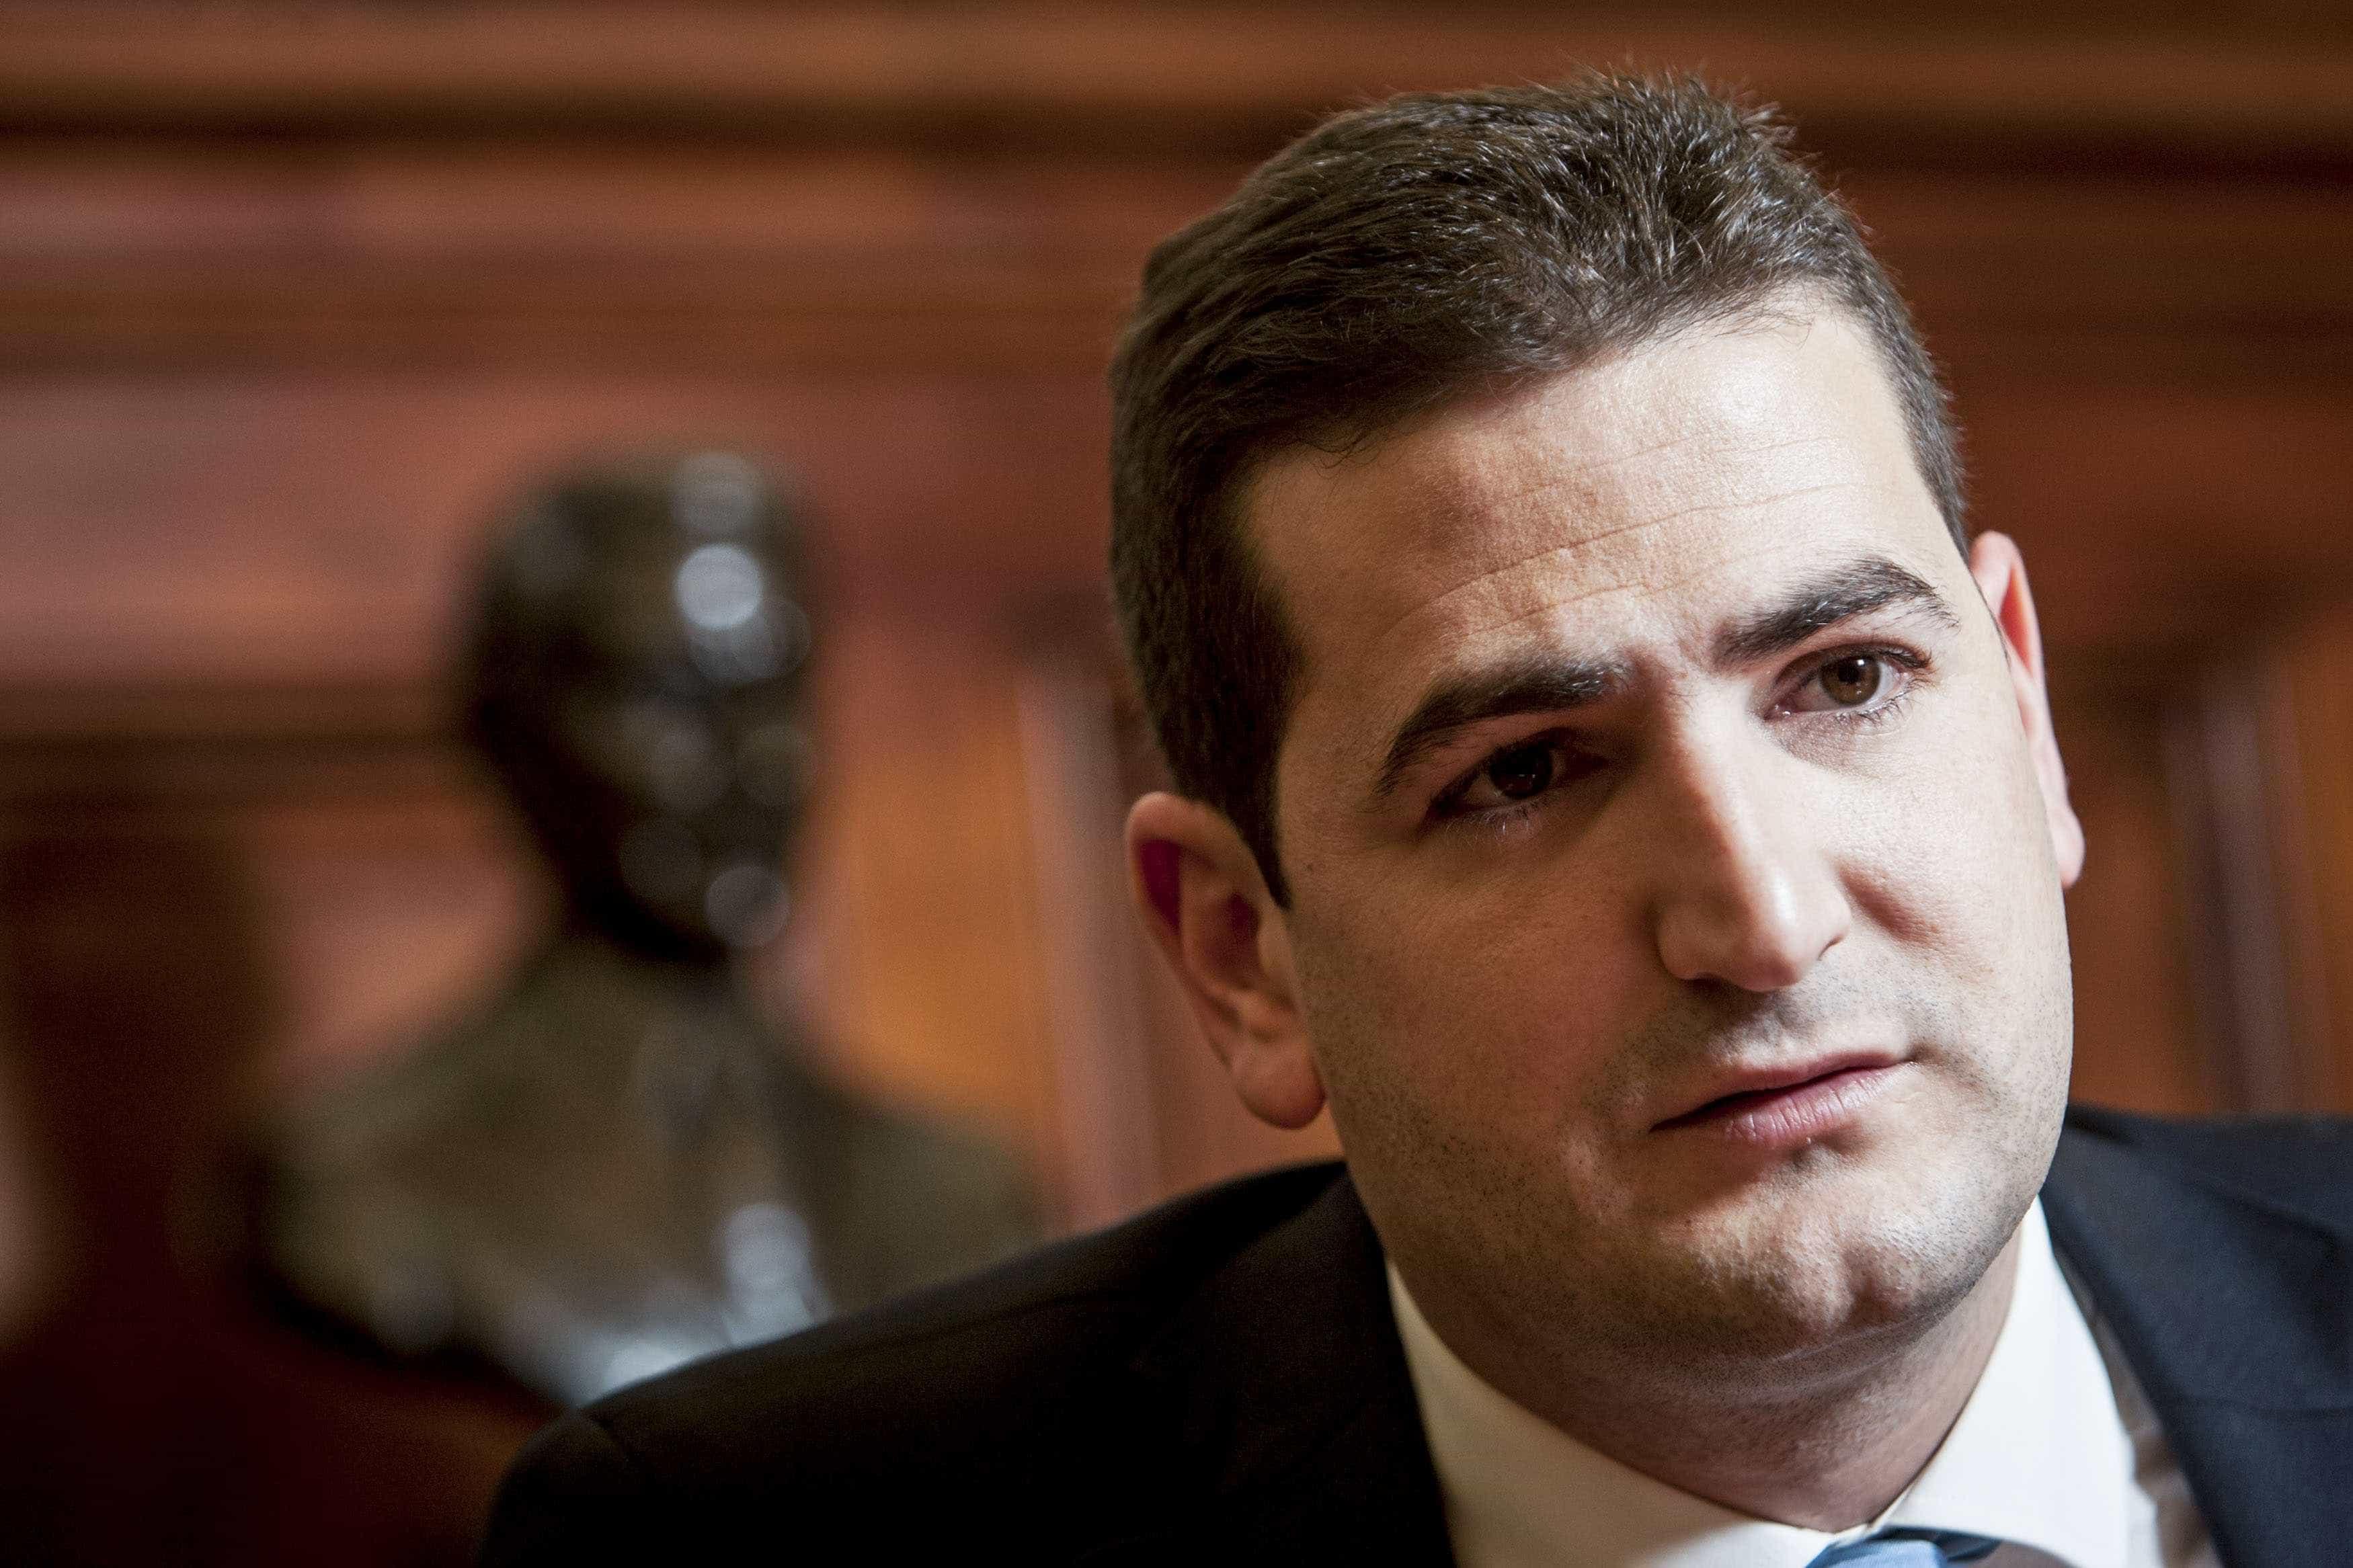 Hugo Soares é candidato único à liderança do grupo parlamentar do PSD